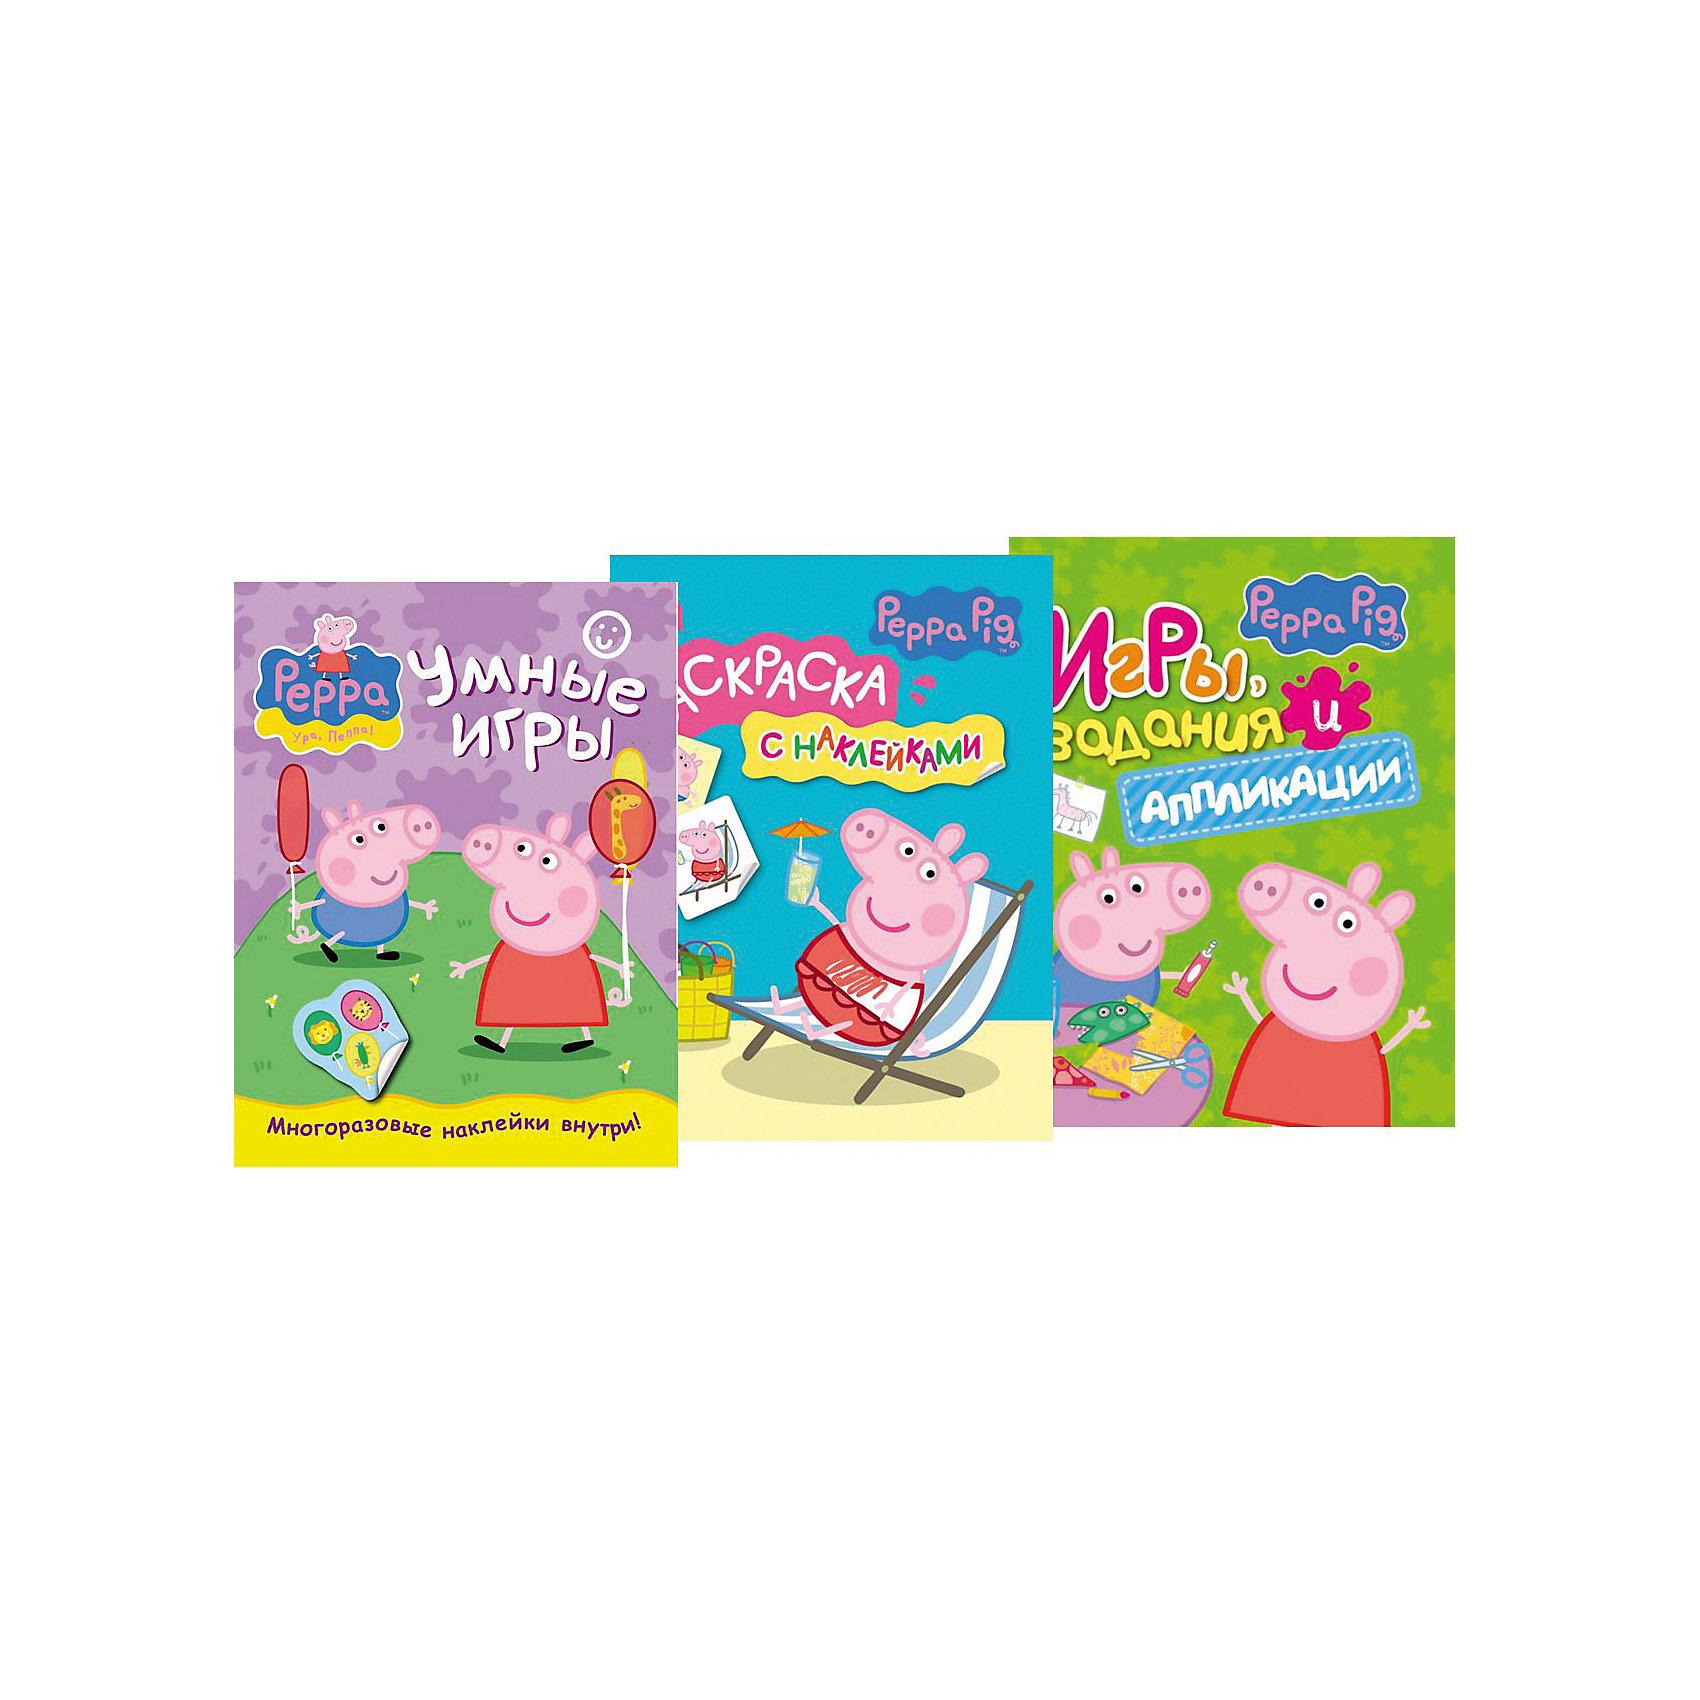 Росмэн Комплект Свинка Пеппа: Раскраски, игры, наклейки росмэн комплект свинка пеппа раскраски игры наклейки